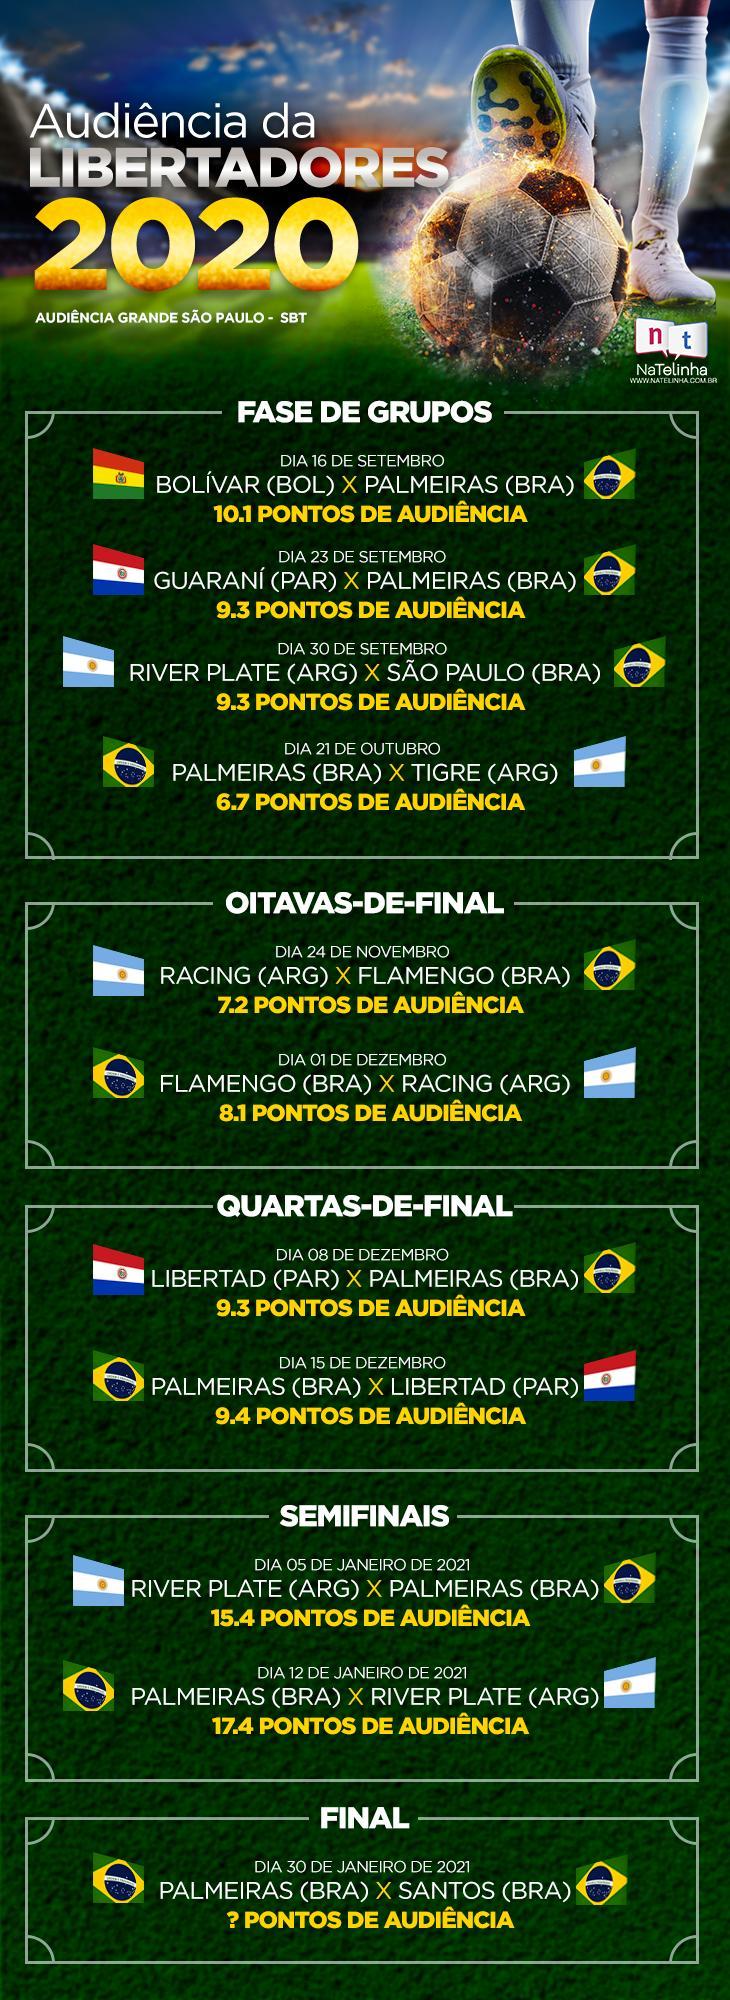 Final da Libertadores no SBT: Pré-jogo, primeira mulher no gramado e 40 profissionais